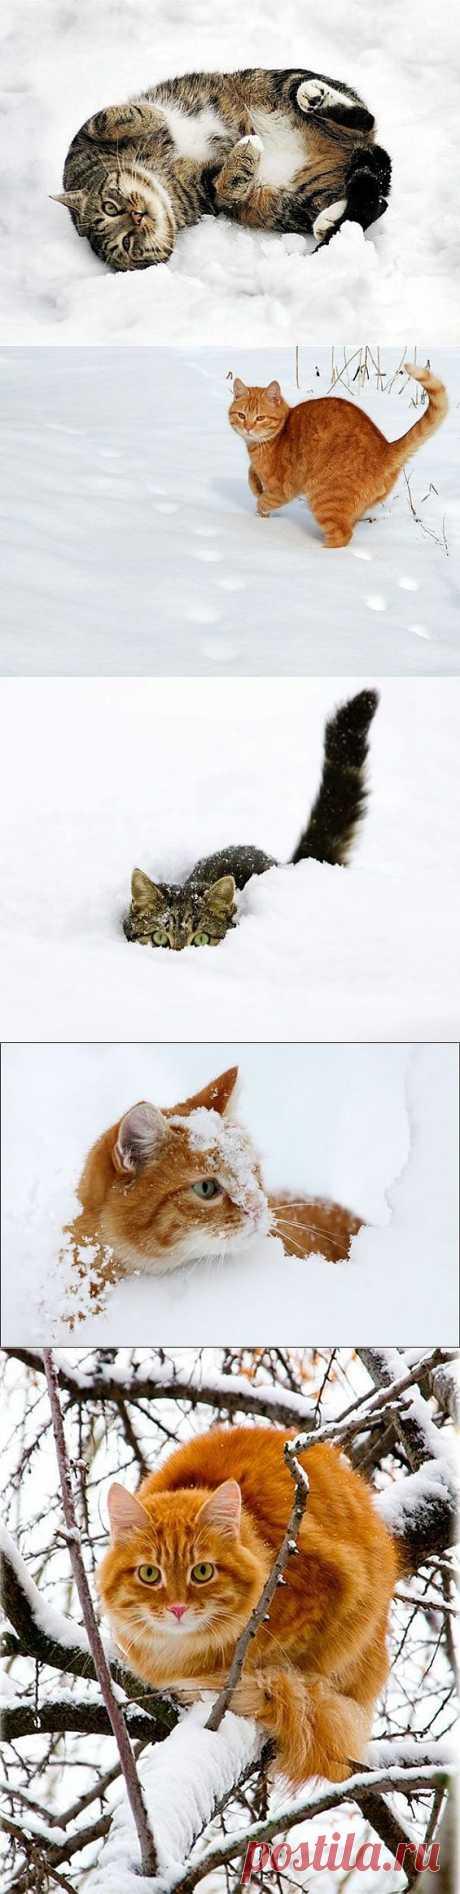 Кошки на снегу.